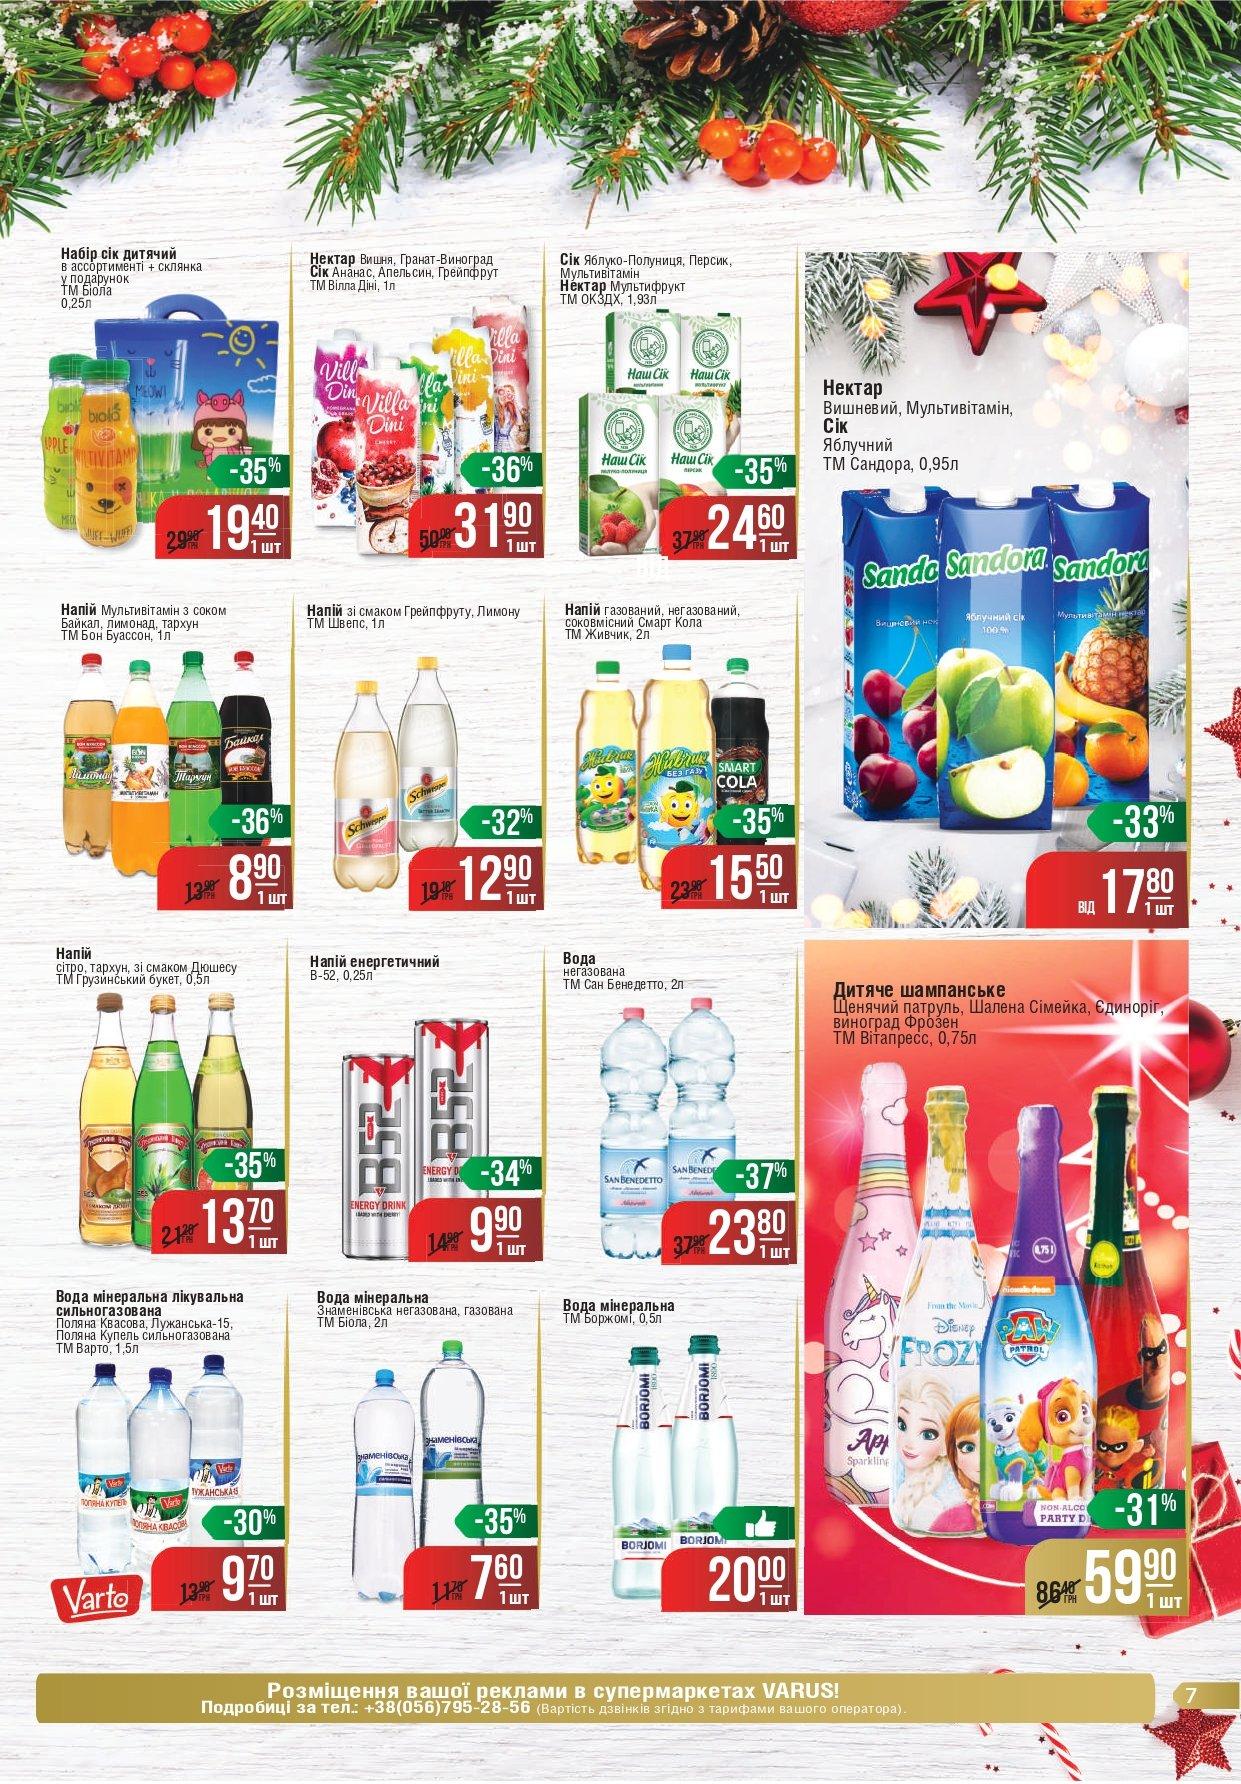 Делаем покупки к Новому Году: какие акции действуют в супермаркетах Днепра, - ЦЕНЫ, фото-36